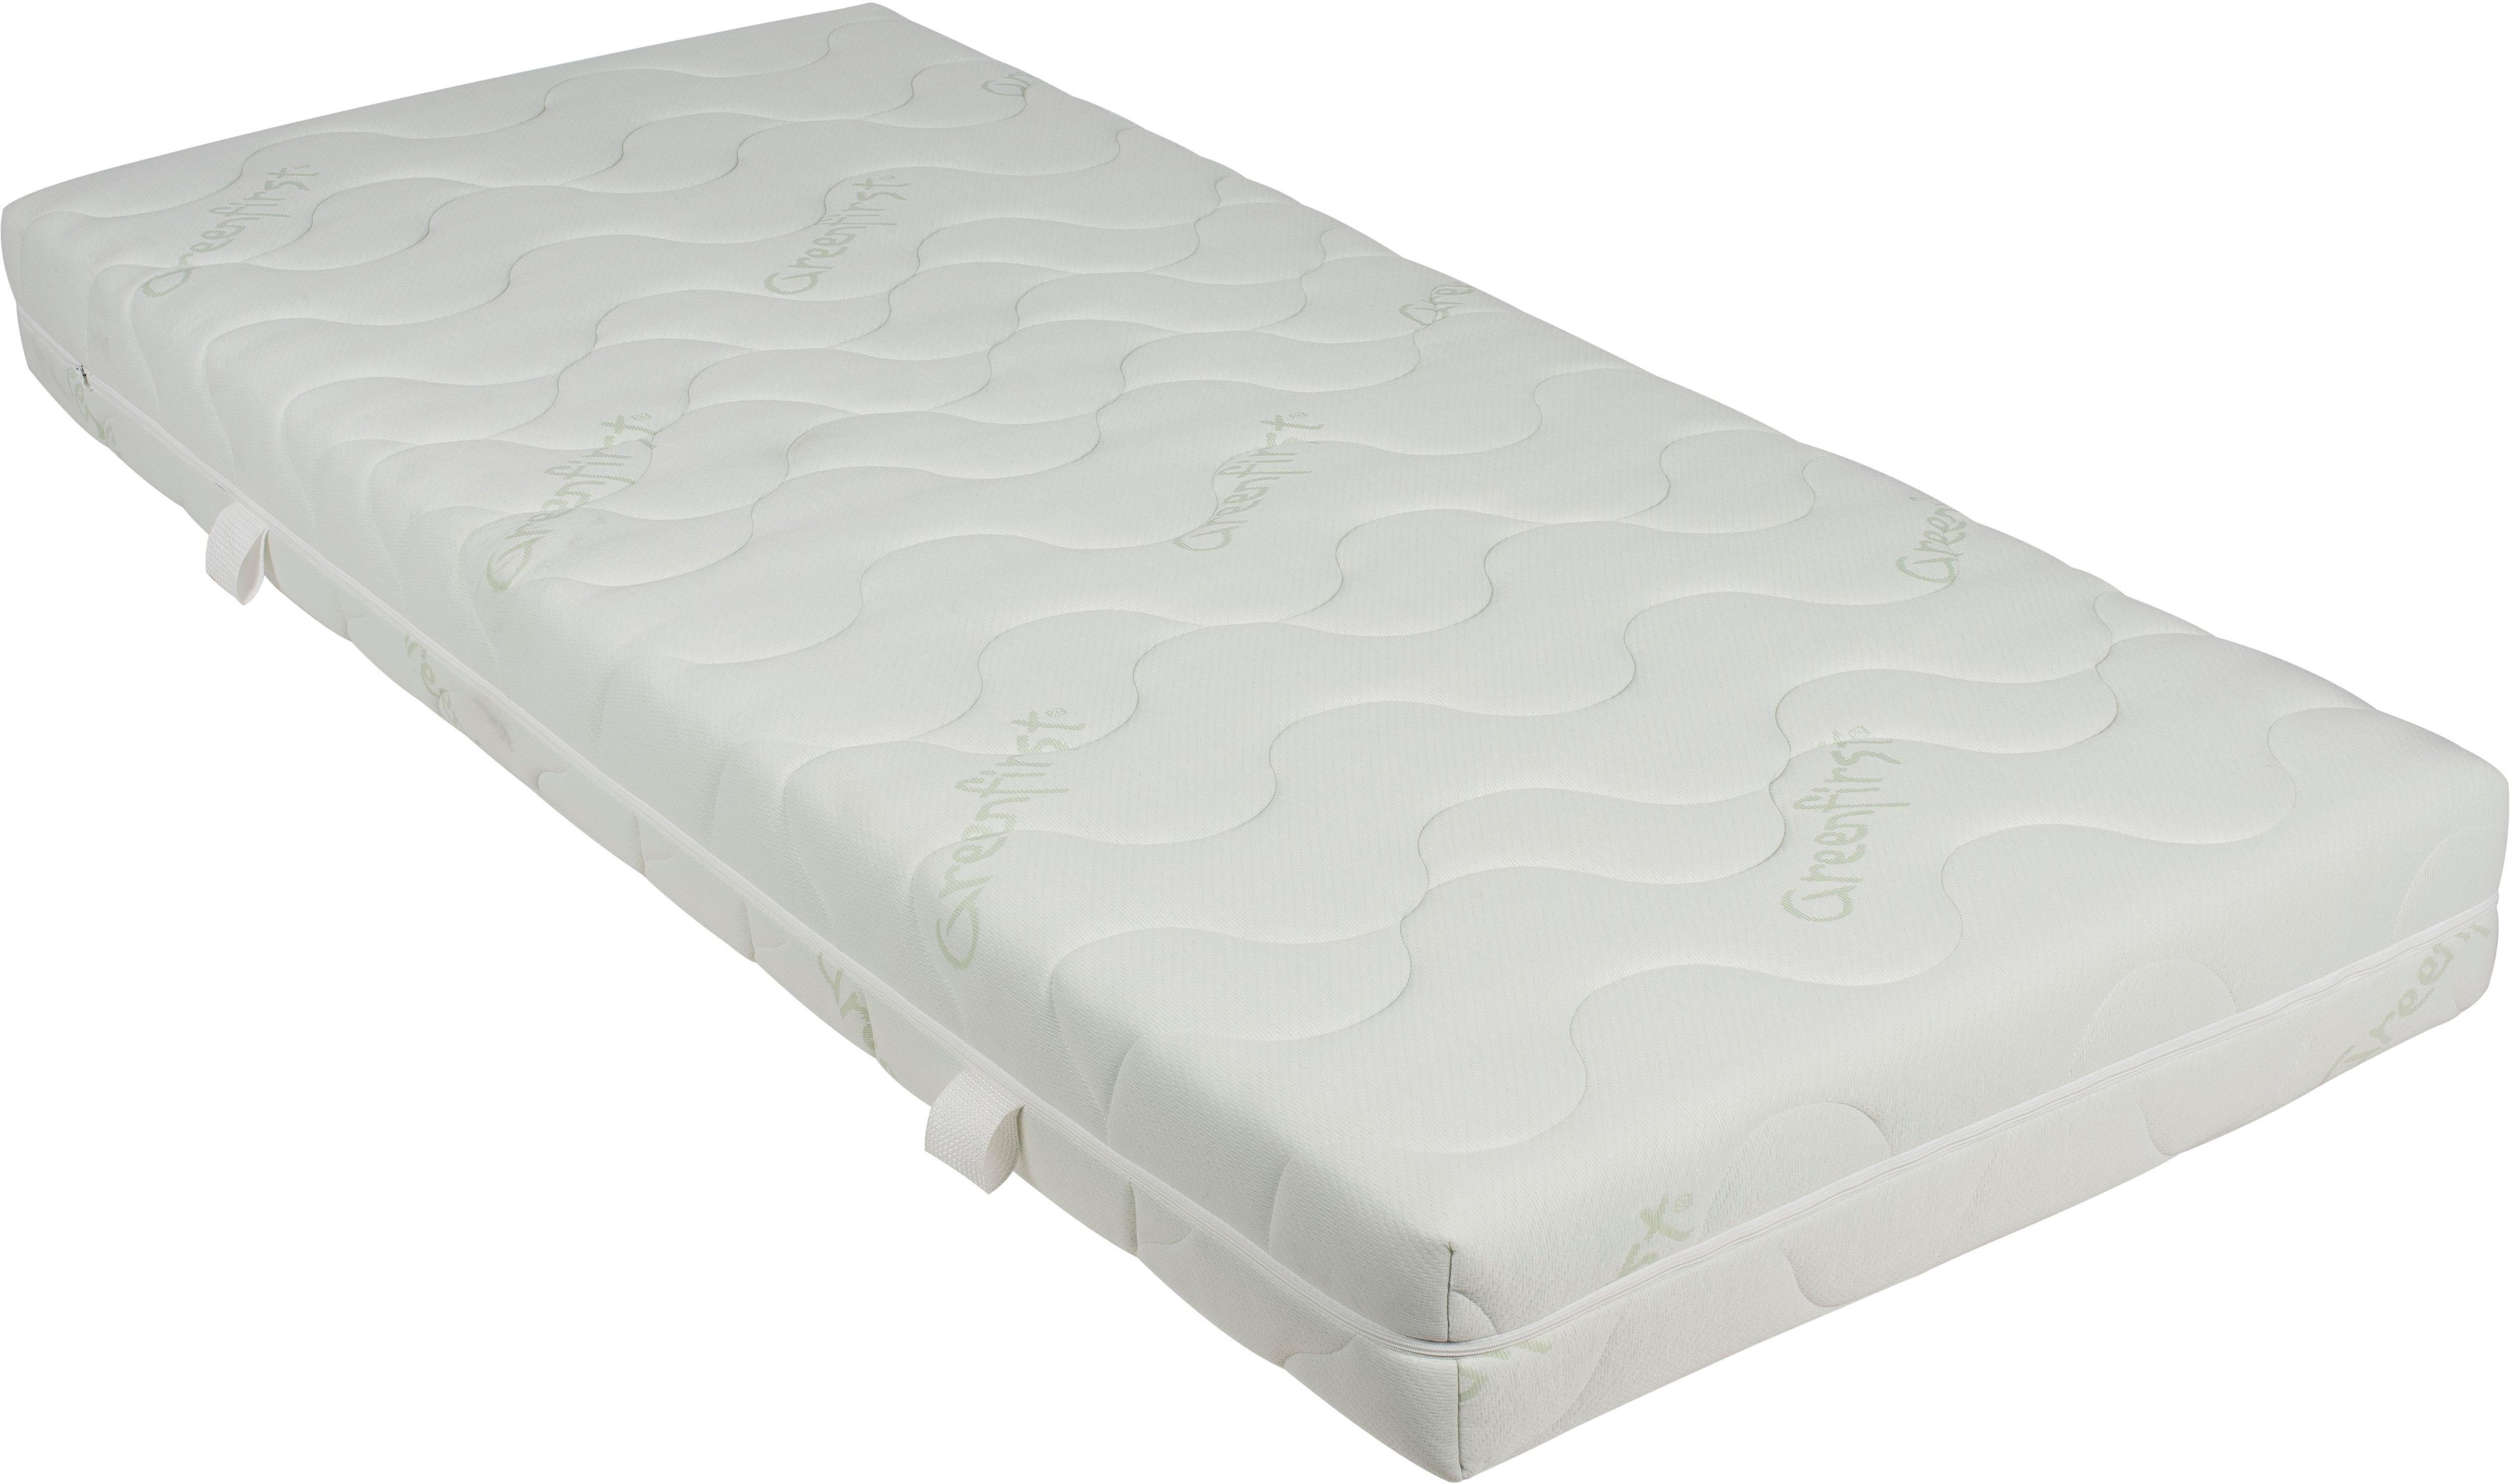 Beco Comfortschuimmatras »Komfort Greenfirst KS«, 20 cm hoog - verschillende betaalmethodes